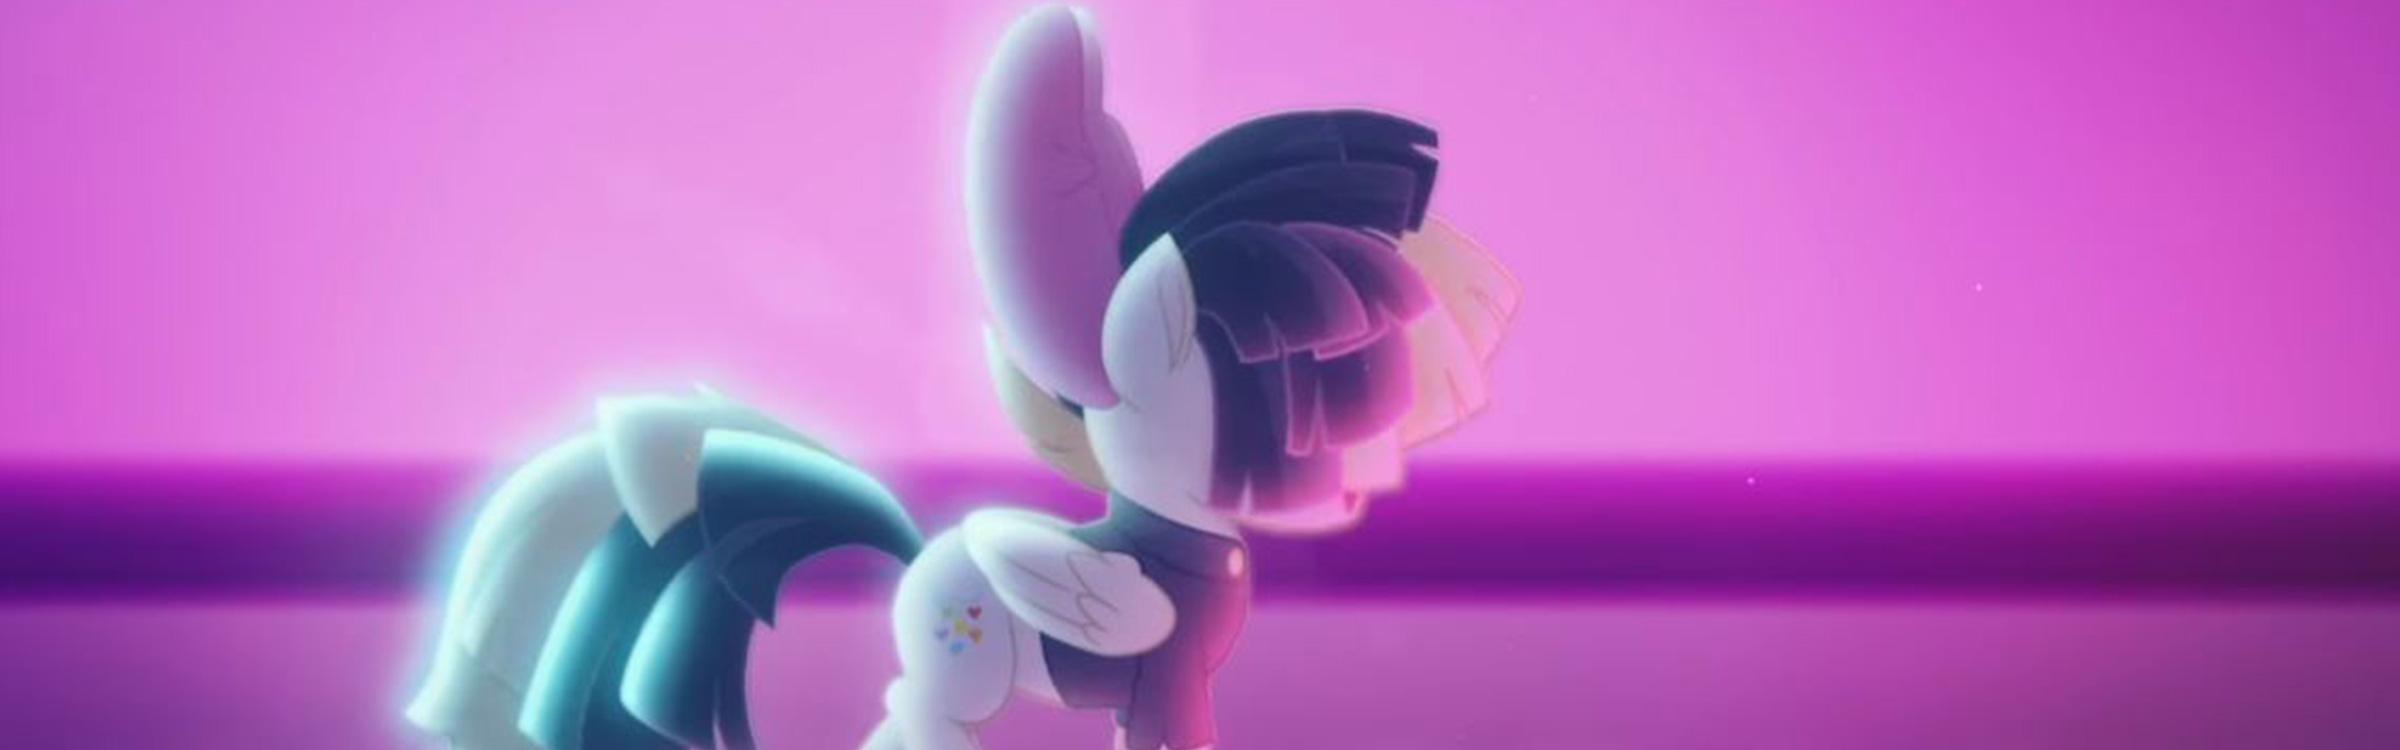 Ponyk